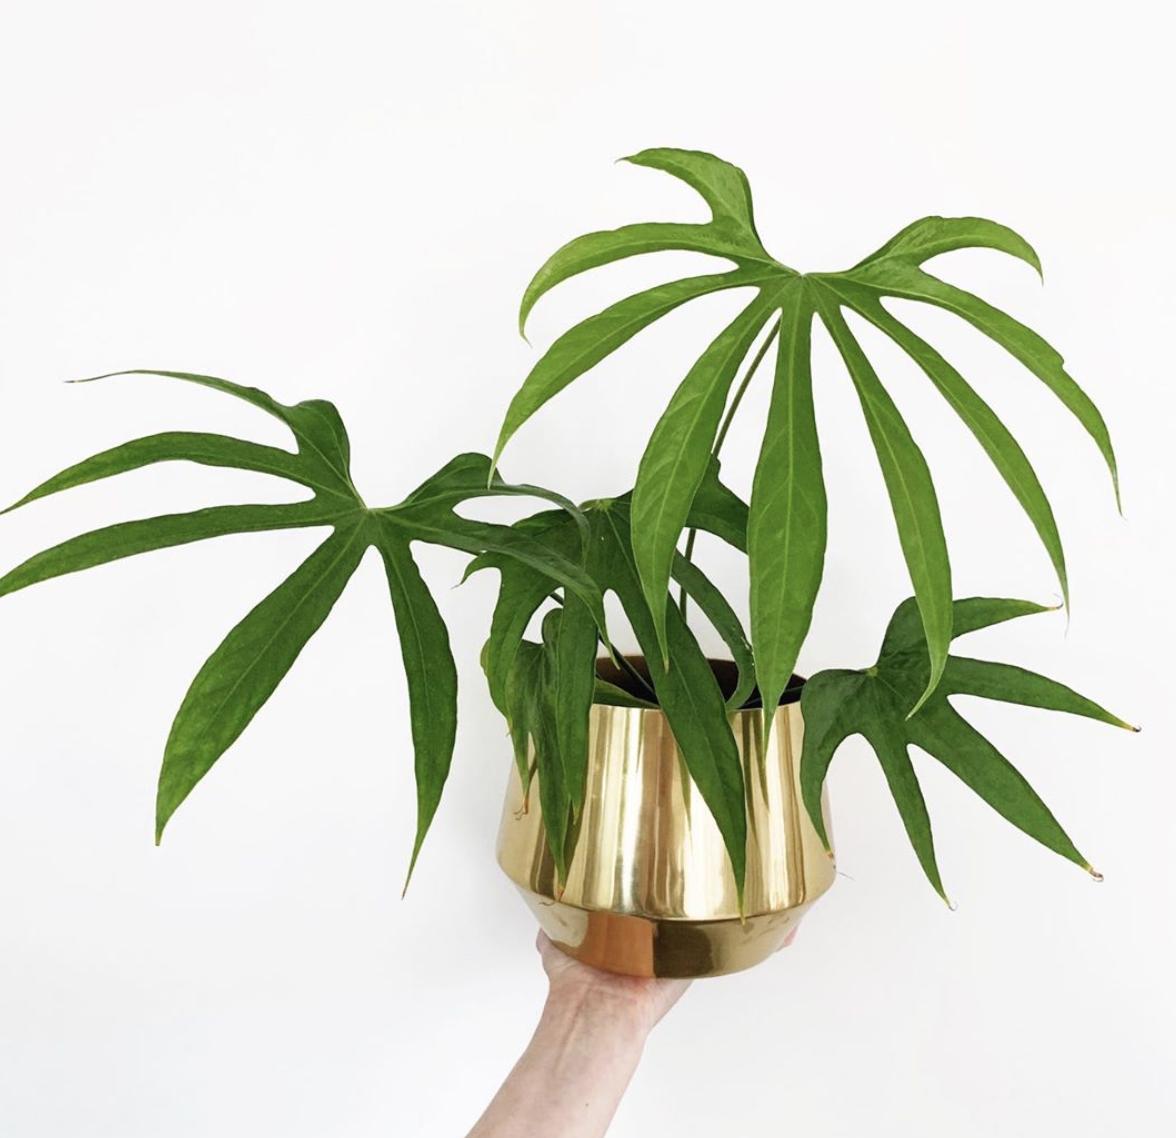 Anthurium Pedatoradiatum Care – Grow it huge!